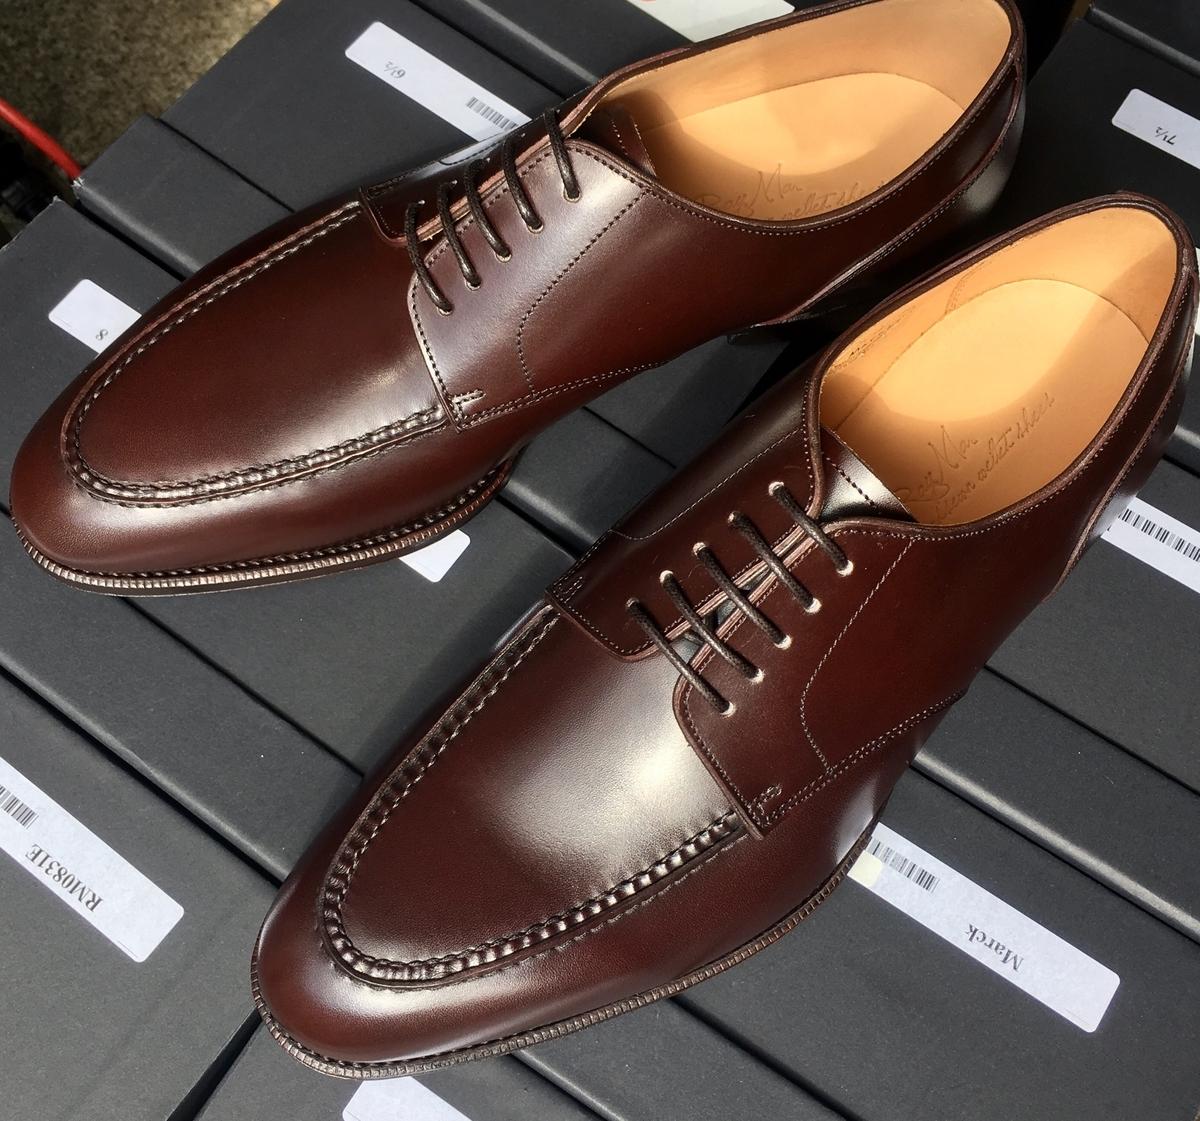 f:id:raymar-shoes:20191015232928j:plain